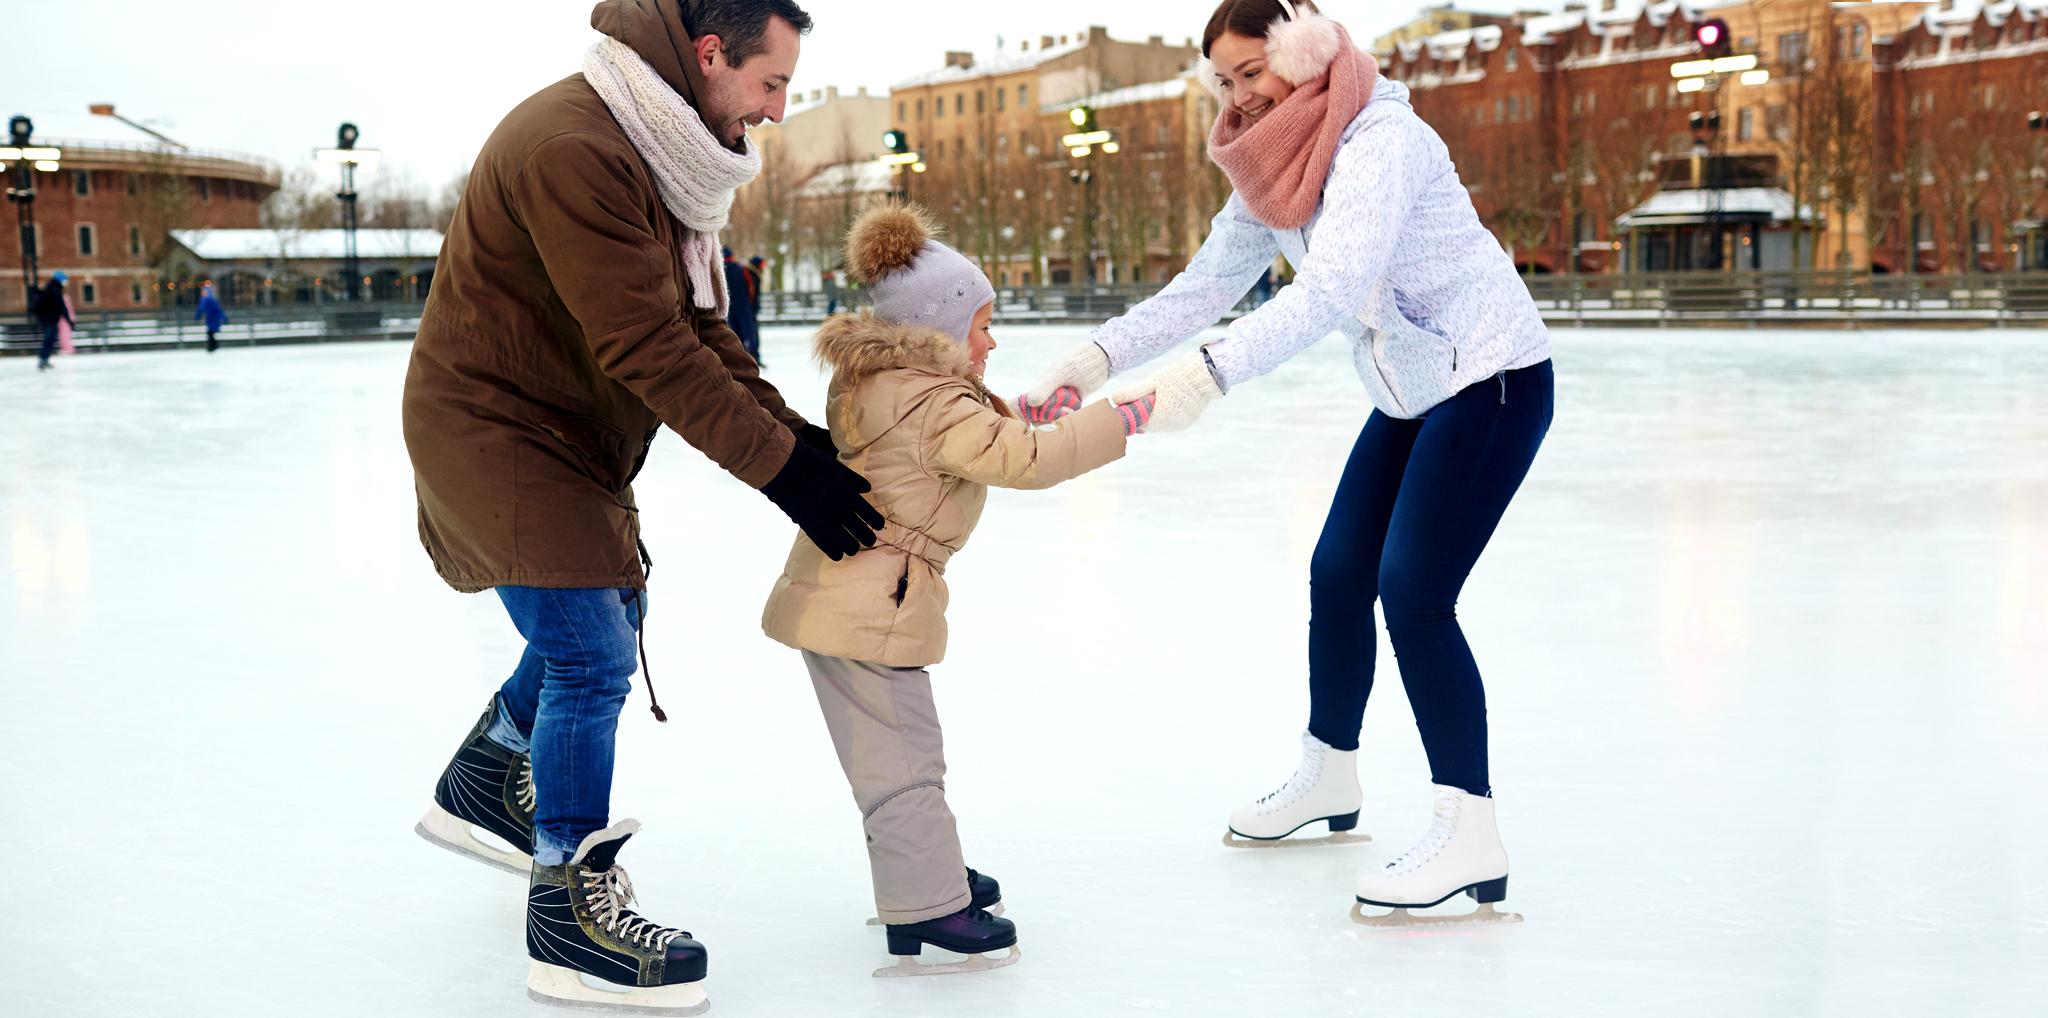 Better-Child-Behavior-Family-Dynamics.jpg